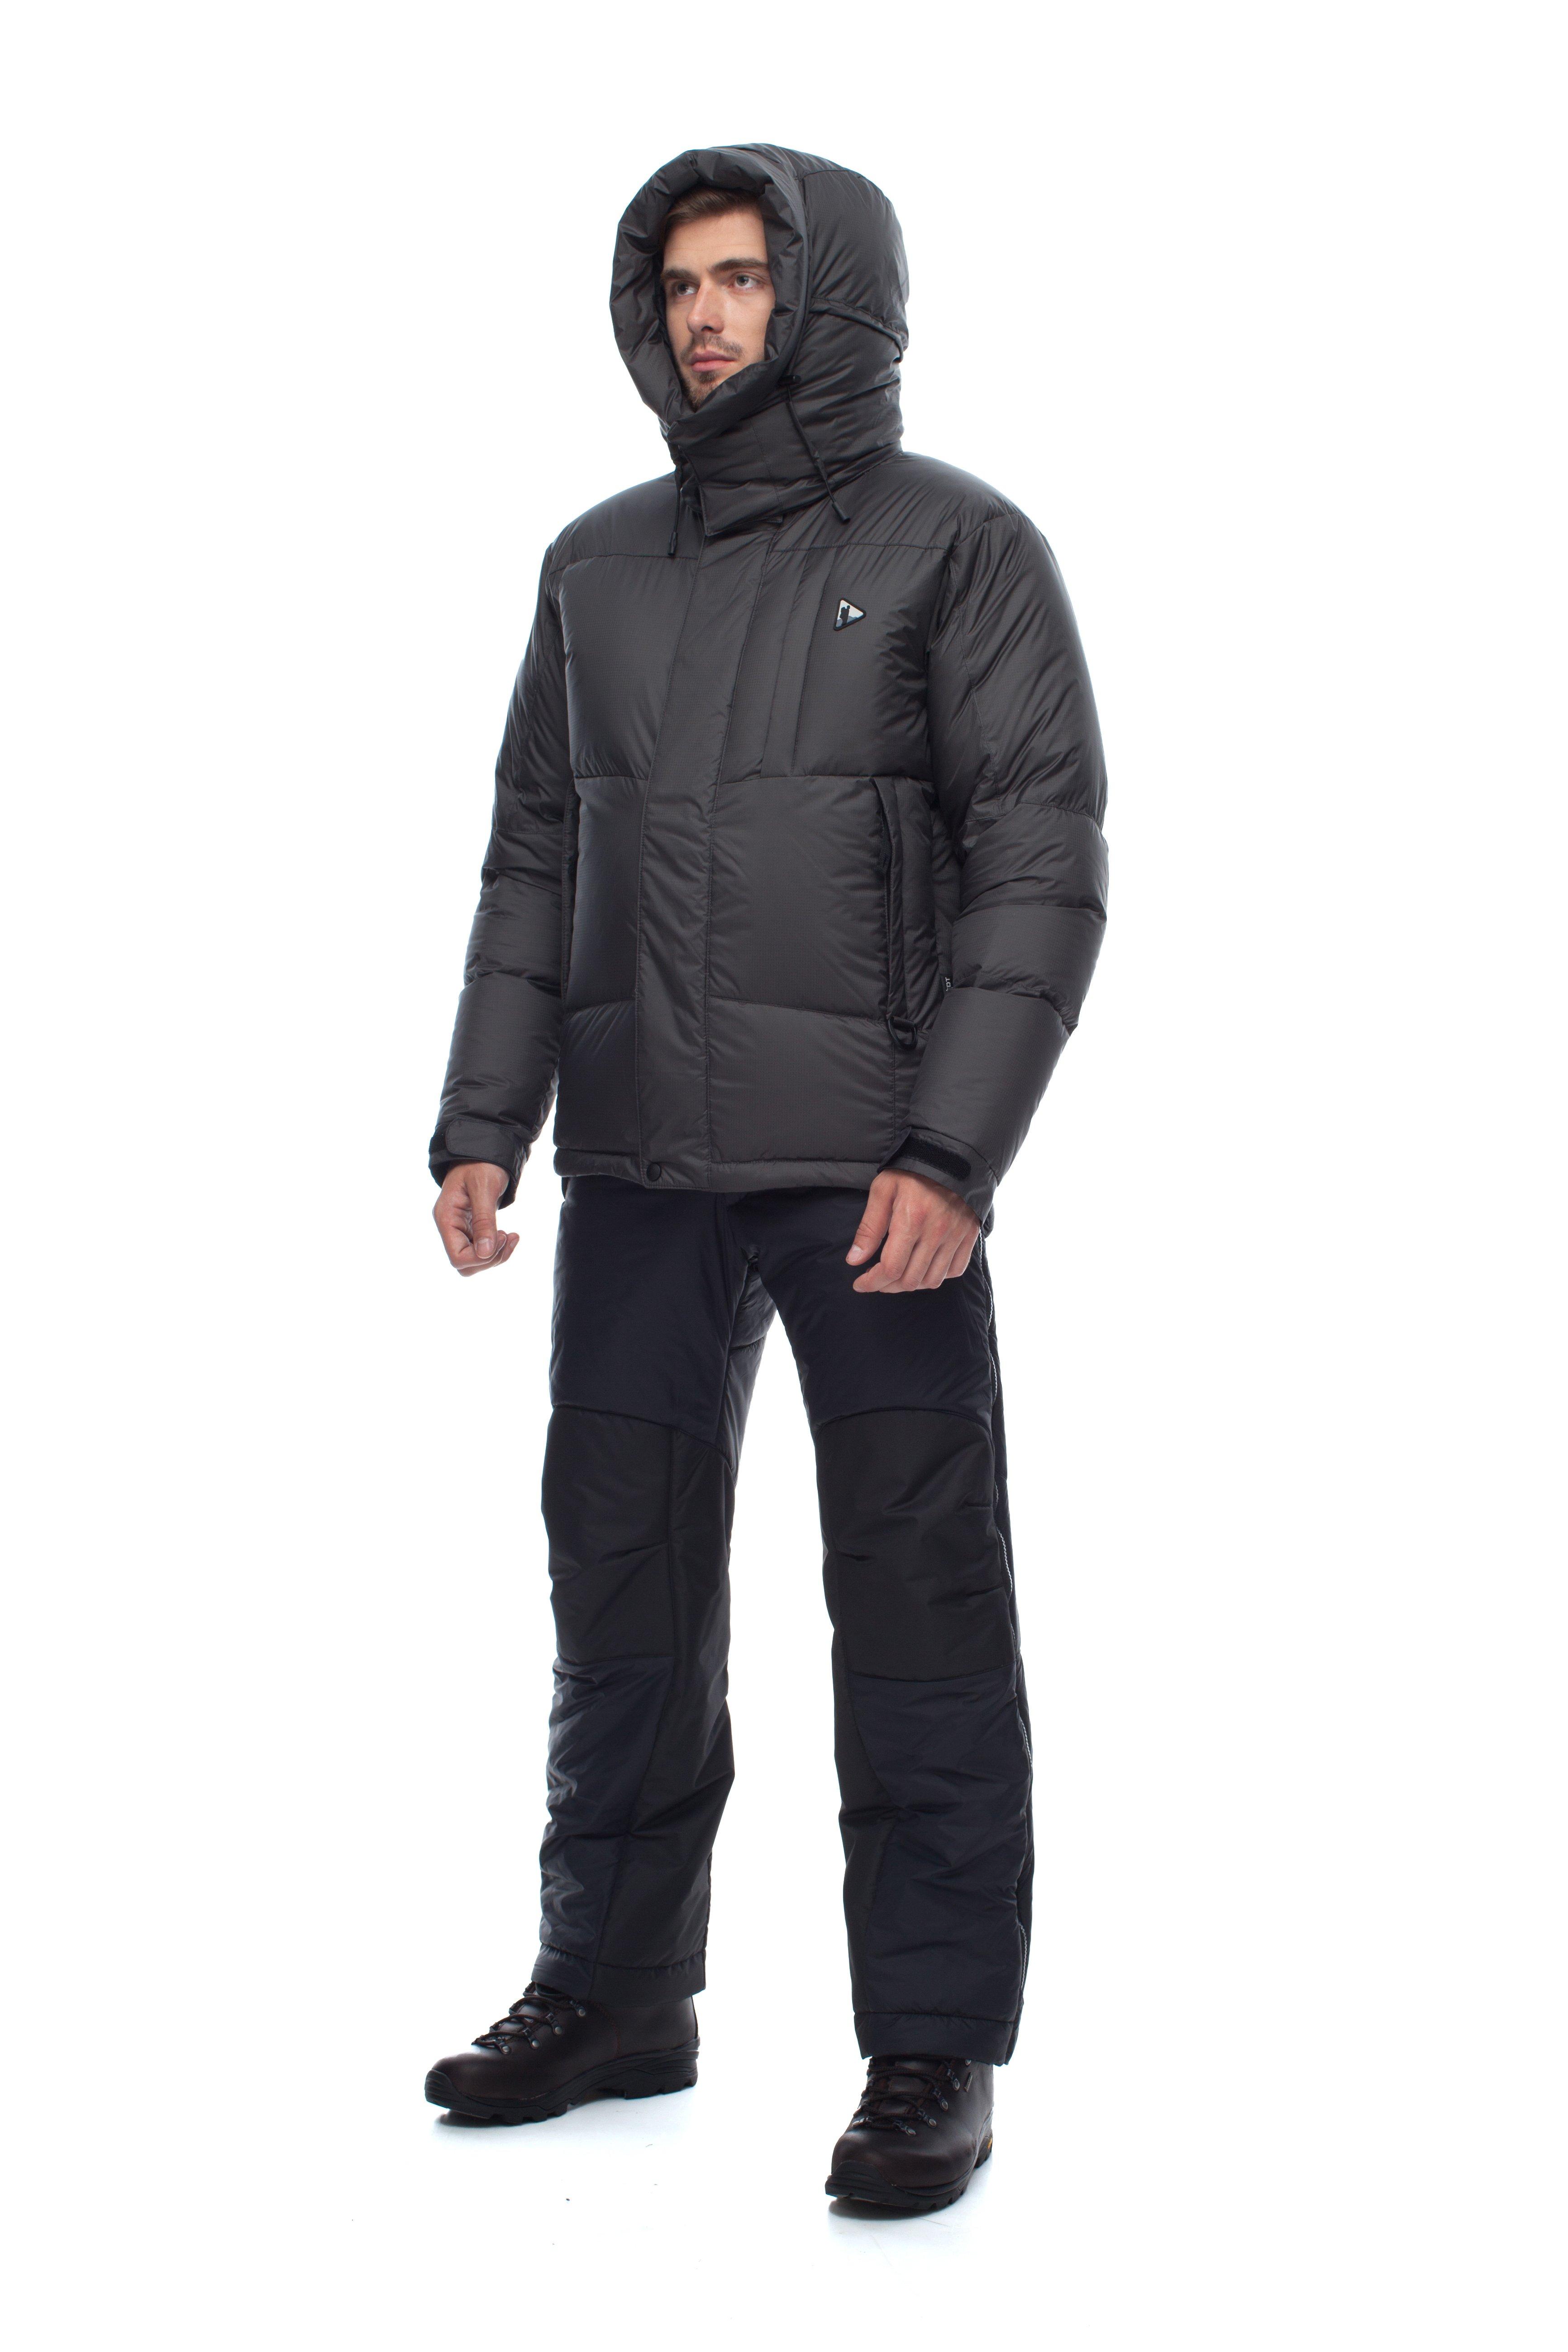 Пуховая куртка BASK HEAVEN V2 3945AКуртки<br><br><br>&quot;Дышащие&quot; свойства: Да<br>Верхняя ткань: Resist-DT(R) EXTREME<br>Вес граммы: 955<br>Вес утеплителя: 282<br>Ветро-влагозащитные свойства верхней ткани: Да<br>Ветрозащитная планка: Да<br>Ветрозащитная юбка: Нет<br>Влагозащитные молнии: Нет<br>Внутренние манжеты: Нет<br>Внутренняя ткань: Advance® Classic<br>Водонепроницаемость: 3000<br>Дублирующий центральную молнию клапан: Да<br>Защитный козырёк капюшона: Нет<br>Капюшон: Съемный<br>Количество внешних карманов: 3<br>Количество внутренних карманов: 3<br>Мембрана: Resist-DT(R) EXTREME<br>Объемный крой локтевой зоны: Нет<br>Отстёгивающиеся рукава: Нет<br>Паропроницаемость: 3000<br>Показатель Fill Power (для пуховых изделий): 670<br>Пол: Мужской<br>Проклейка швов: Нет<br>Регулировка манжетов рукавов: Да<br>Регулировка низа: Да<br>Регулировка объёма капюшона: Да<br>Регулировка талии: Нет<br>Регулируемые вентиляционные отверстия: Нет<br>Световозвращающая лента: Нет<br>Температурный режим: -15<br>Технология Thermal Welding: Нет<br>Технология швов: Простые<br>Тип молнии: Двухзамковая<br>Тип утеплителя: Натуральный<br>Ткань усиления: Нет<br>Усиление контактных зон: Да<br>Утеплитель: Гусиный пух<br>Размер RU: 50<br>Цвет: КРАСНЫЙ